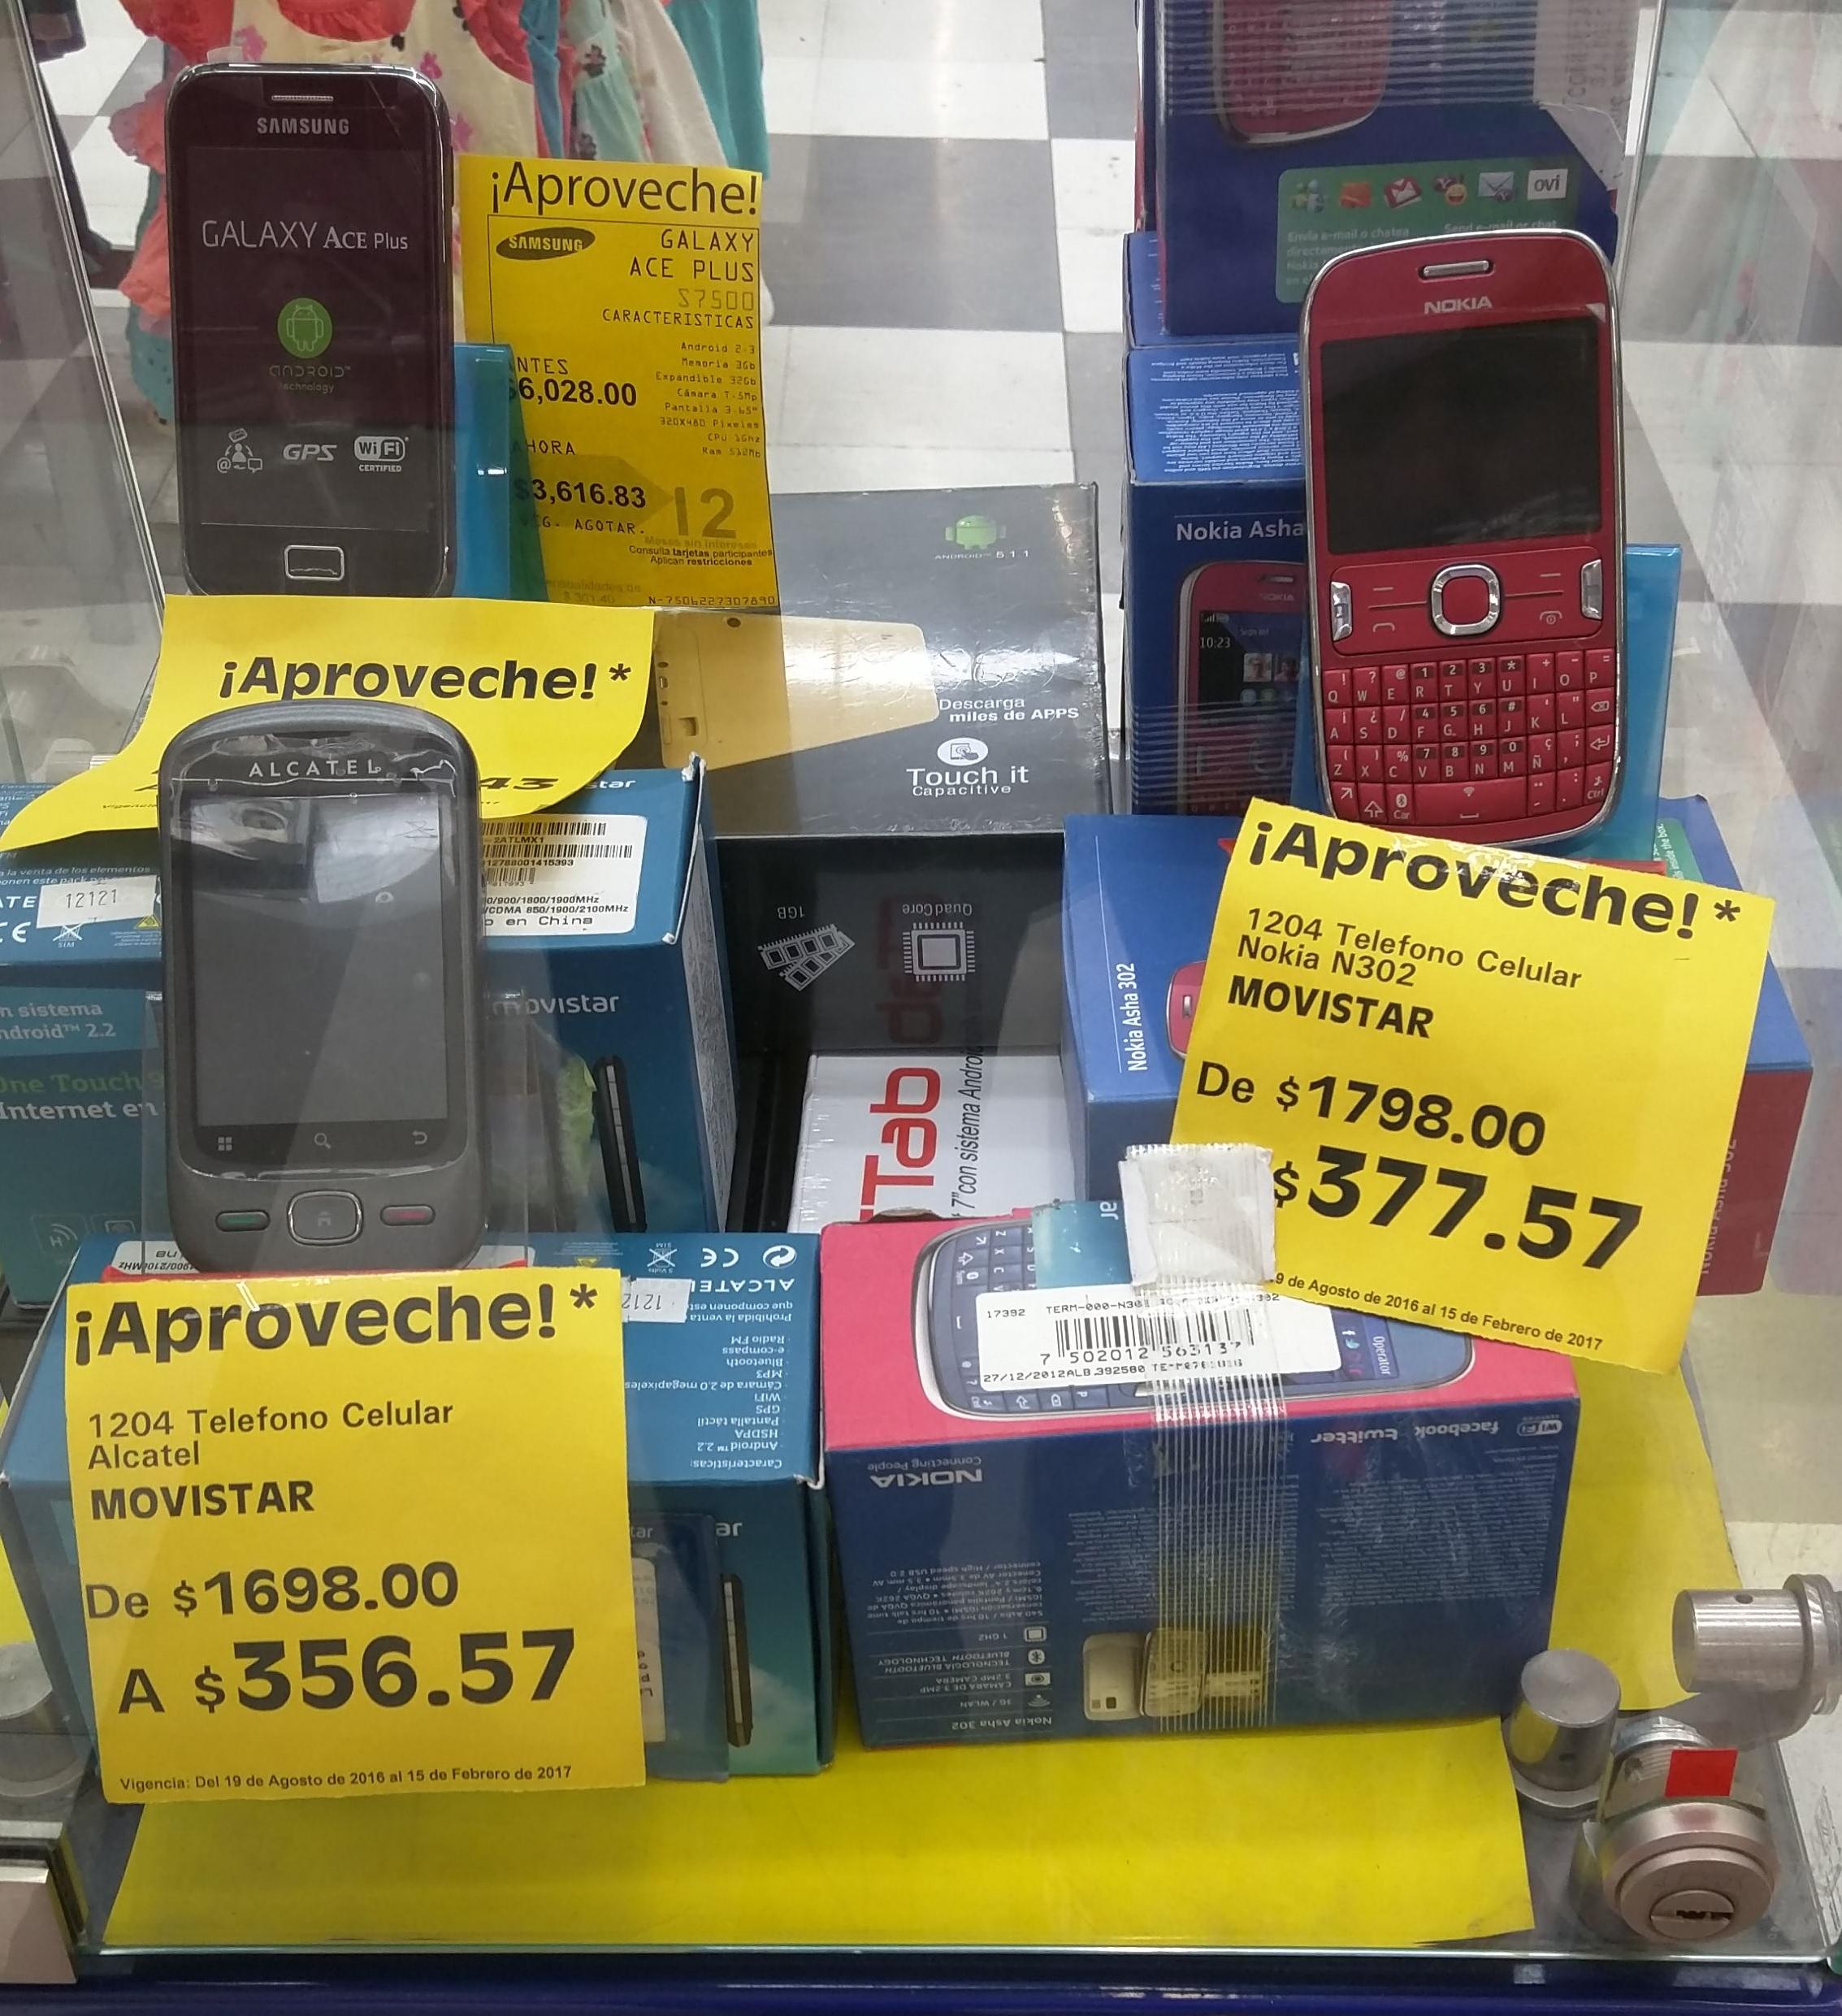 La Comer Pilares: Alcatel One Touch 906Y a $356.57 y Asha 302 de $1,798 a $377